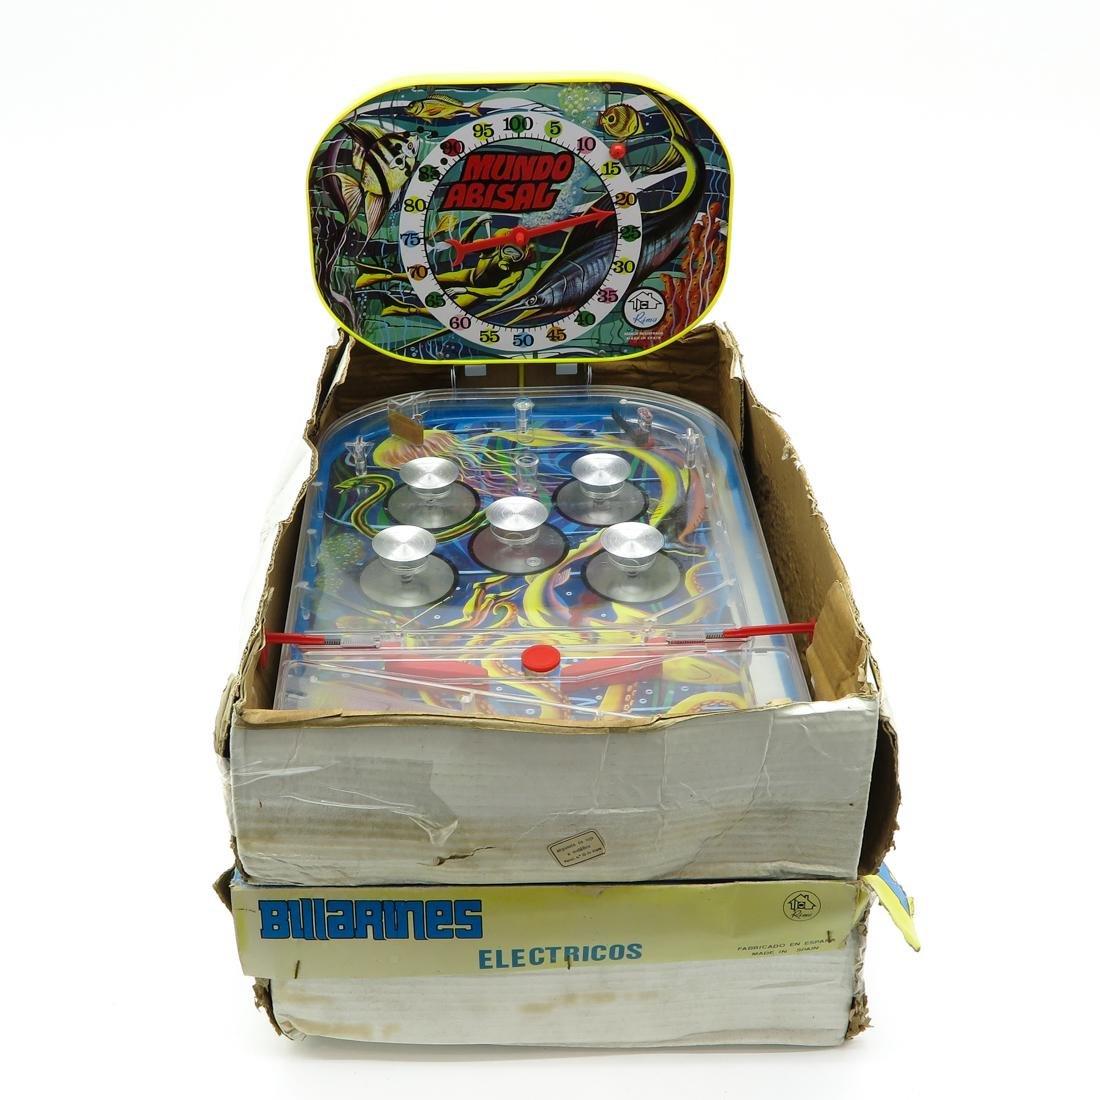 Lot of 6 Vintage Games - 3